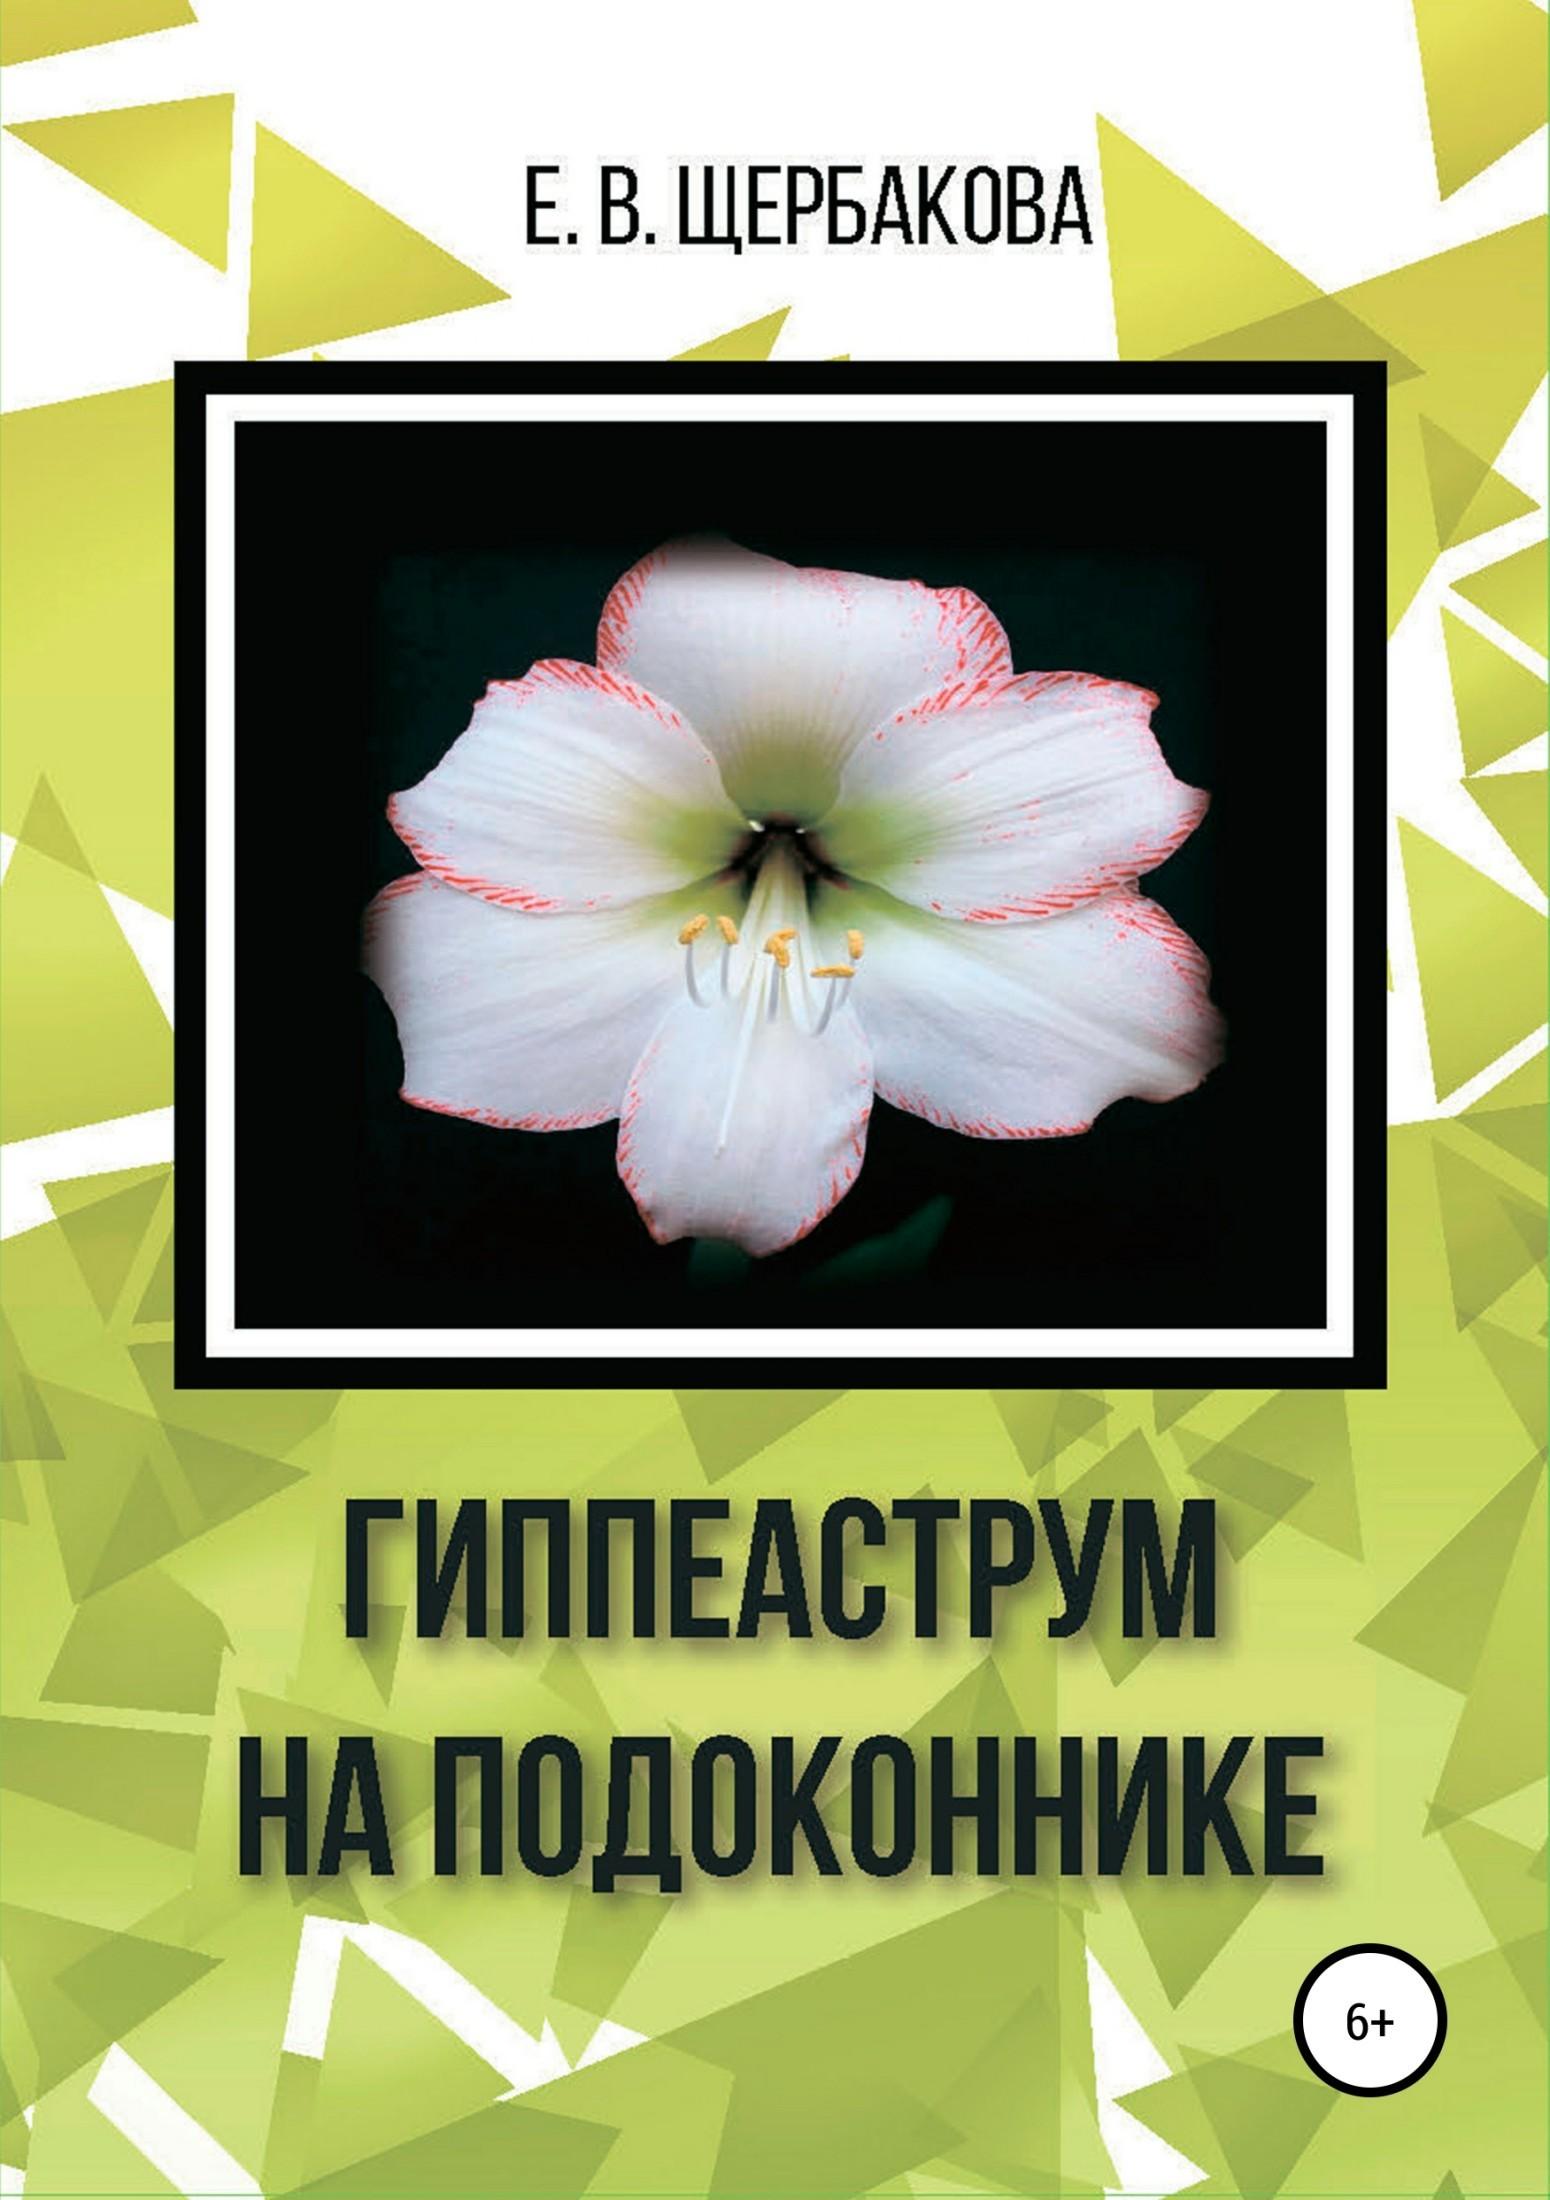 Елена Владимировна Щербакова Гиппеаструм на подоконнике аптека на грядке и на подоконнике